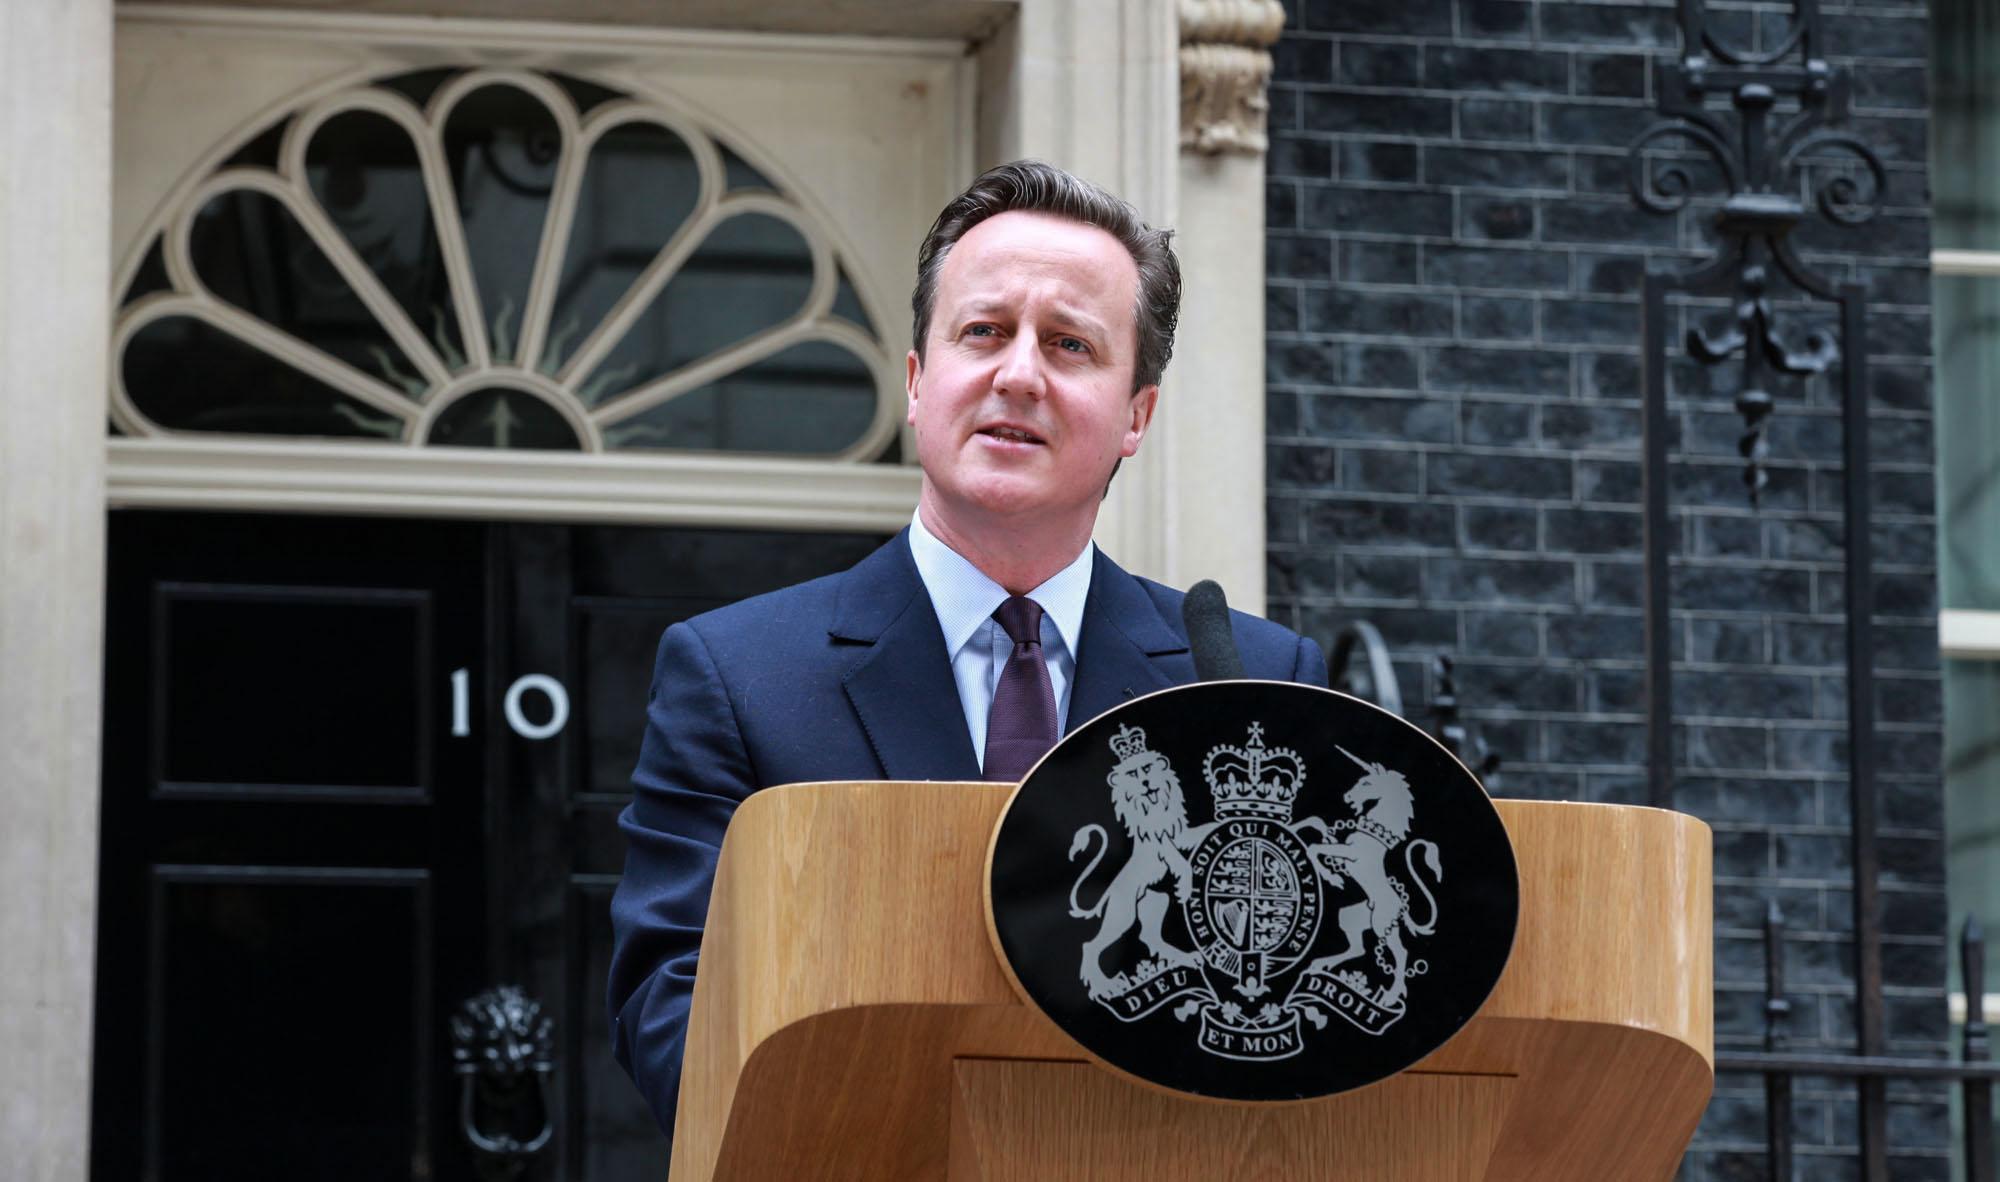 Panama Papers: Manifestantes pedem renúncia em frente à casa de Cameron